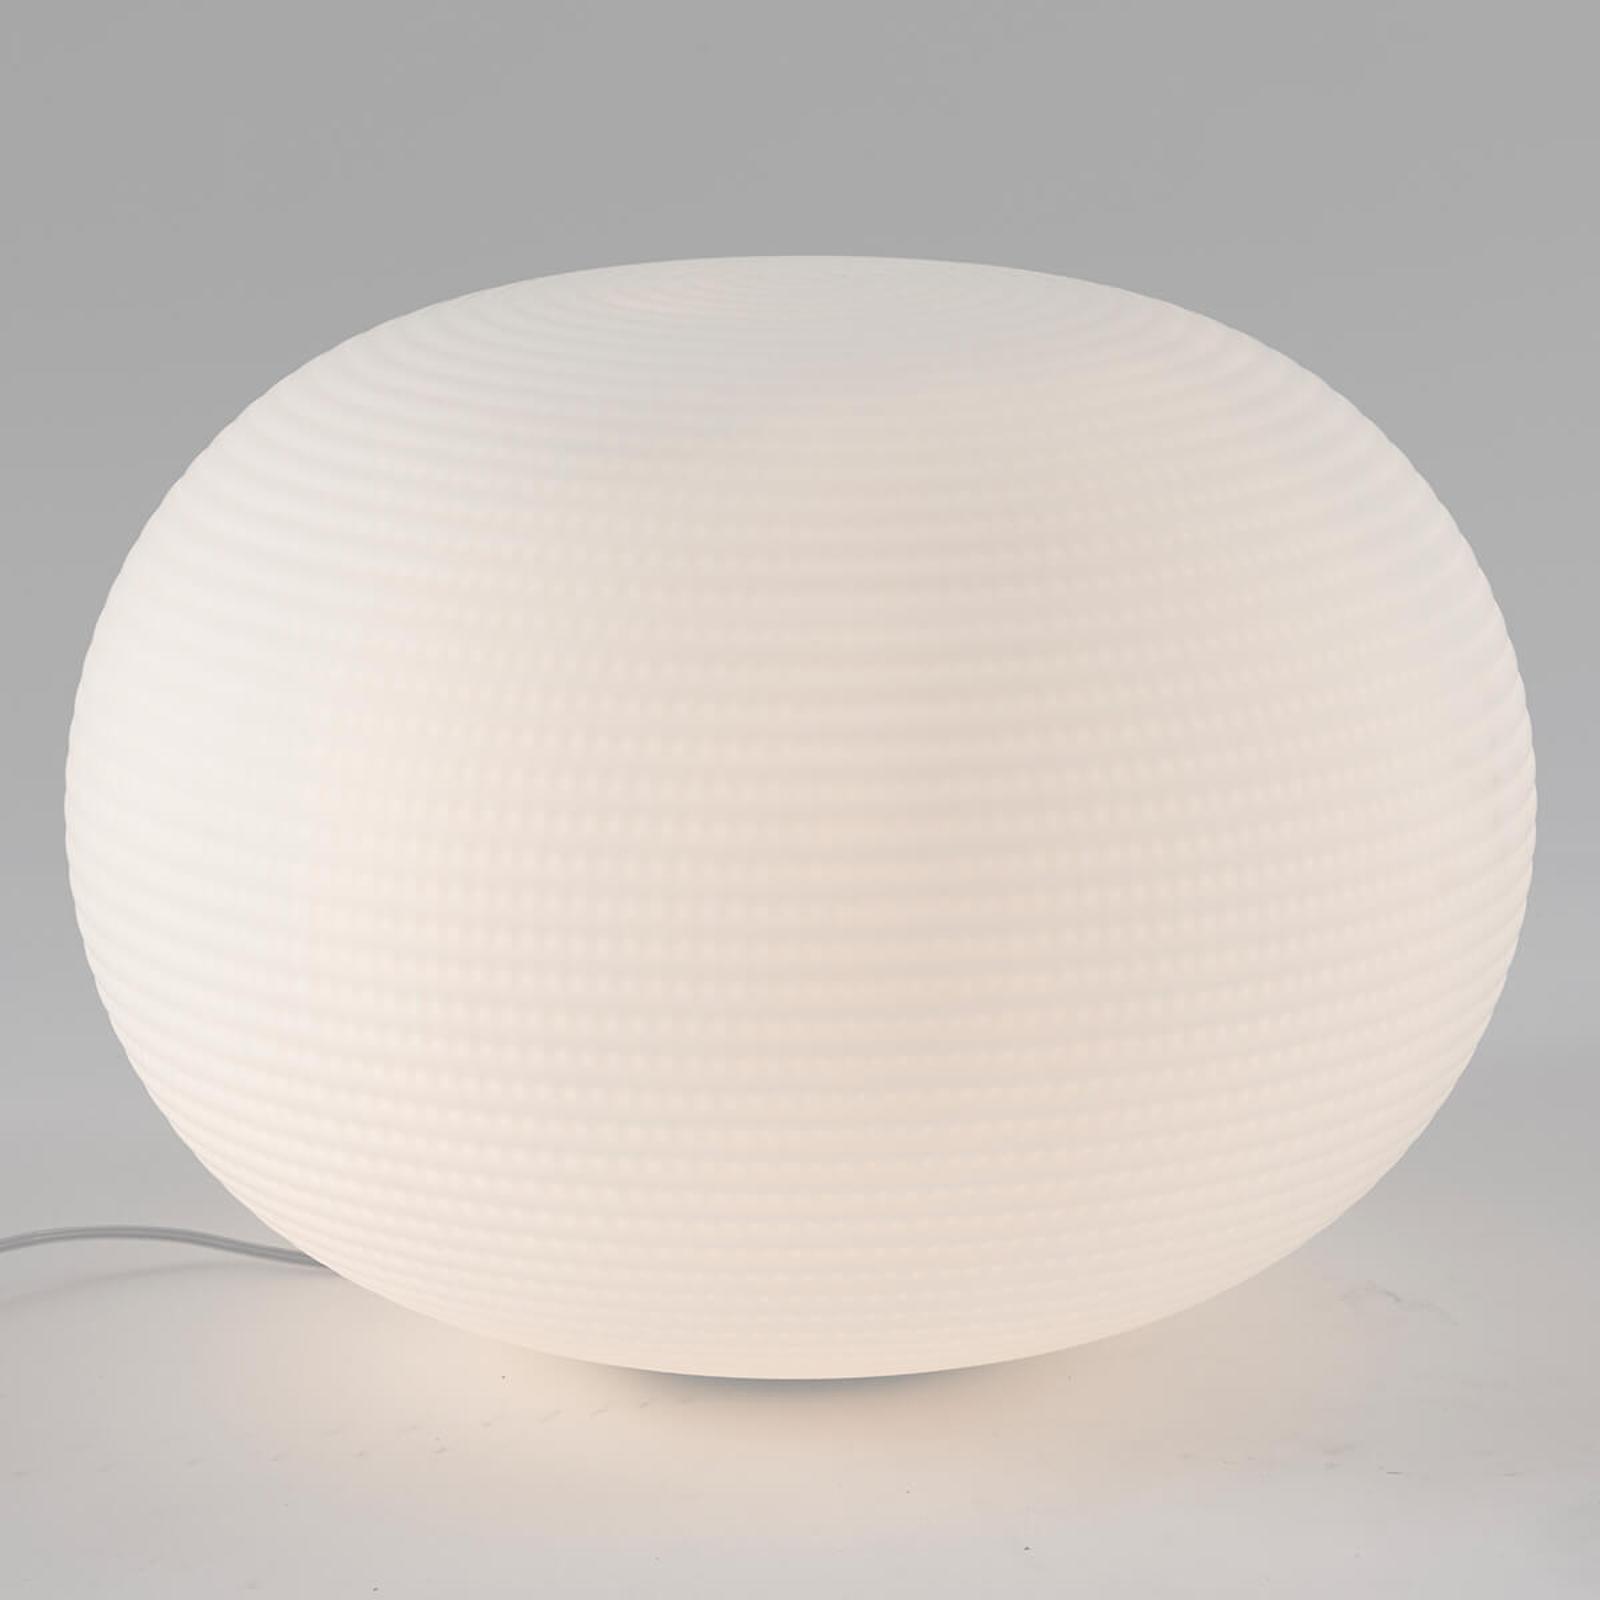 Designer bordlampe Bianca i glas, 50 cm